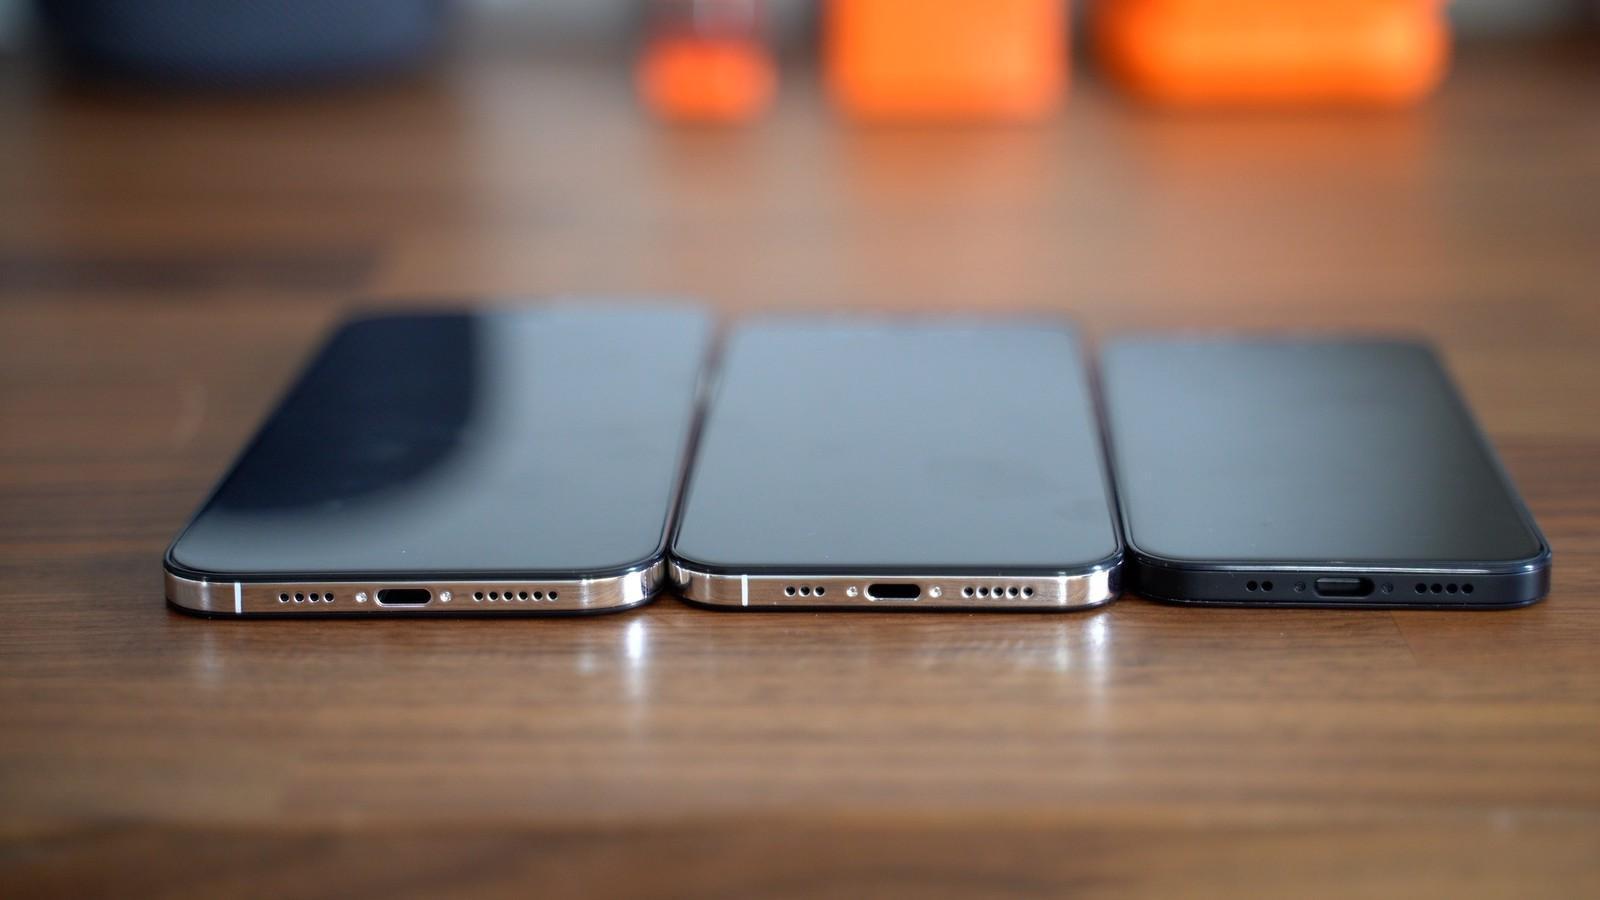 Новые рендеры раскрывают дизайн линейки iPhone 12 (1 1)